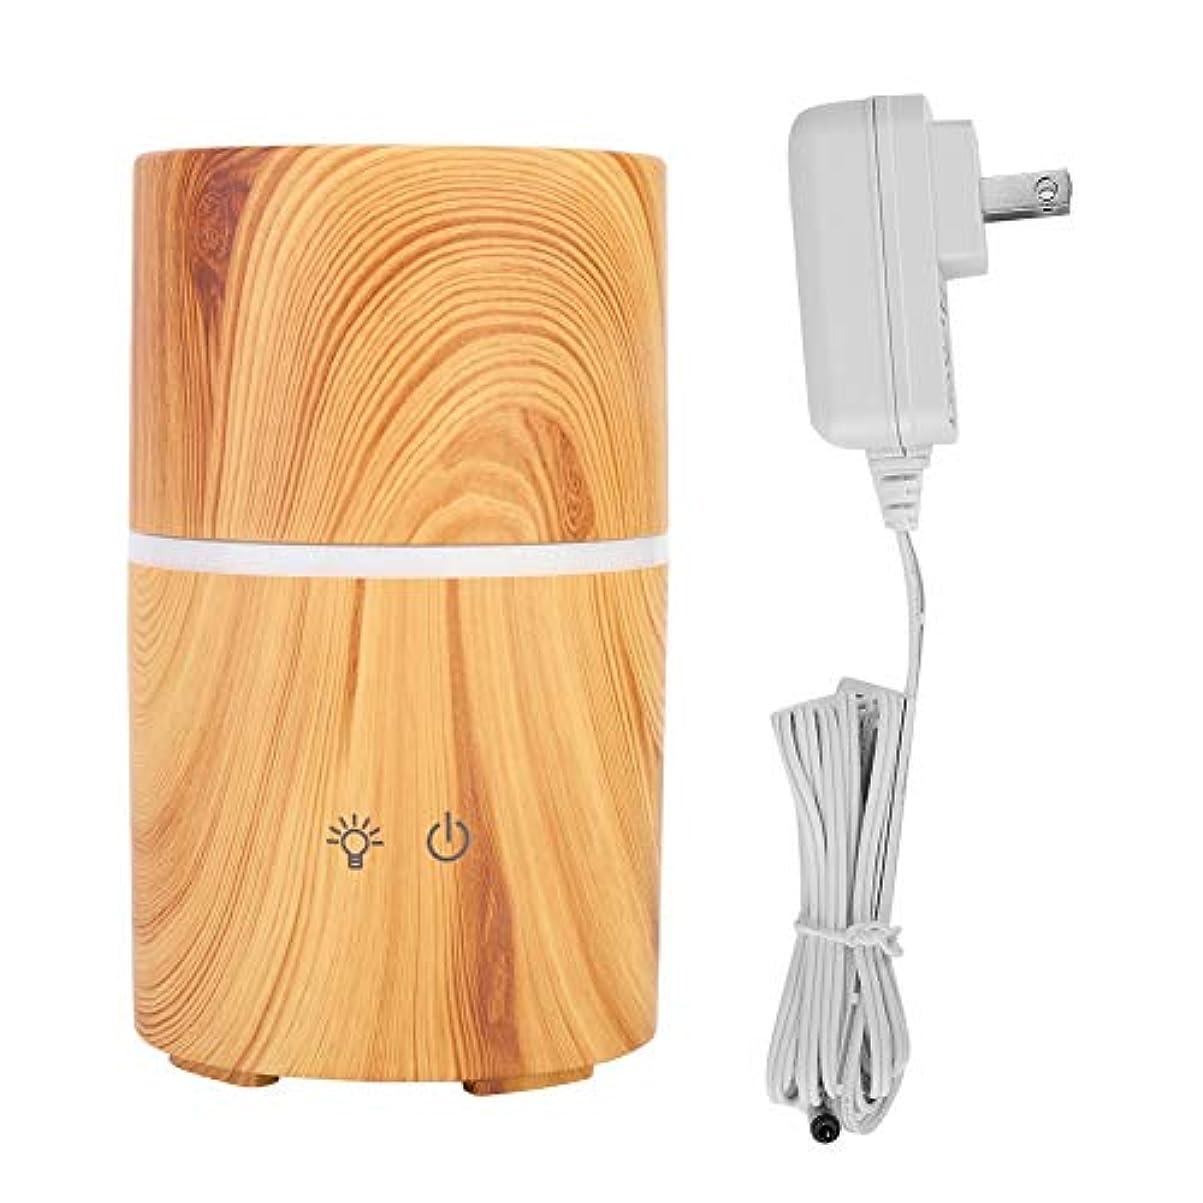 知的子供っぽいご注意アロマセラピーディフューザー、多目的木目LEDインテリジェントディフューザーワイヤレススピーカー加湿器家庭用装飾(USプラグ100-240V)